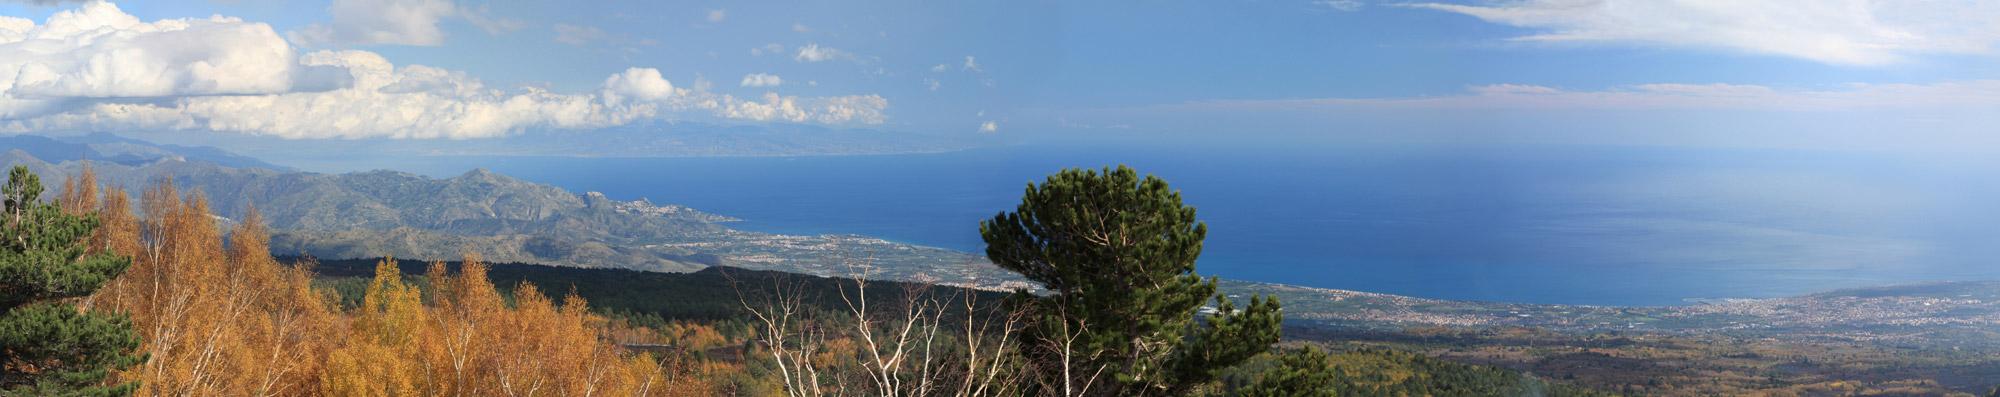 Sicily East Coast